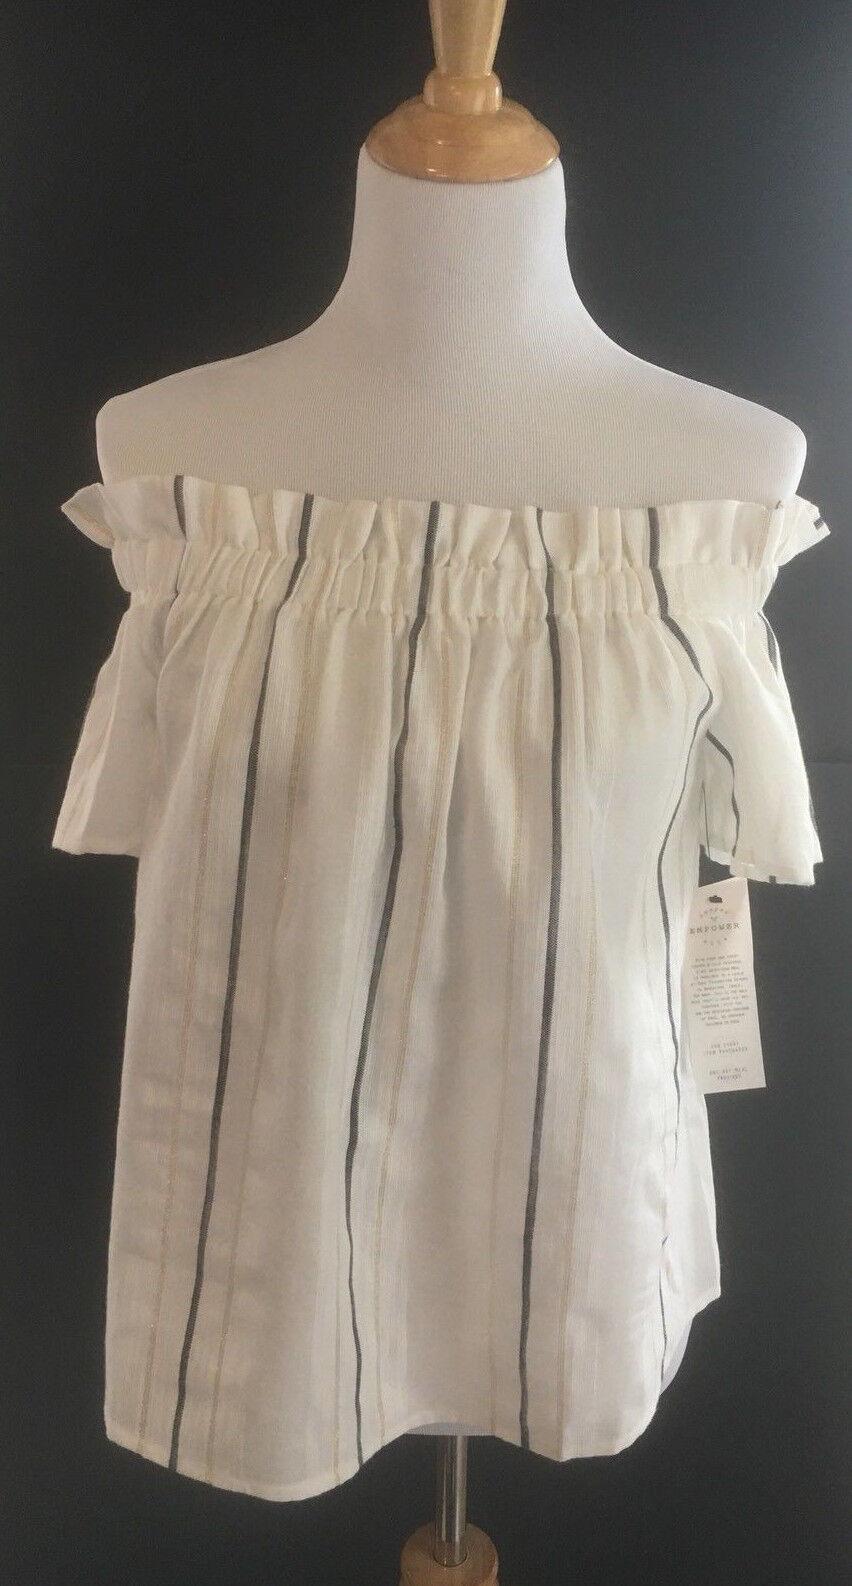 Cooper And Ella Fernanda Off The Shoulder Top Ivory damen Large Blouse Shirt